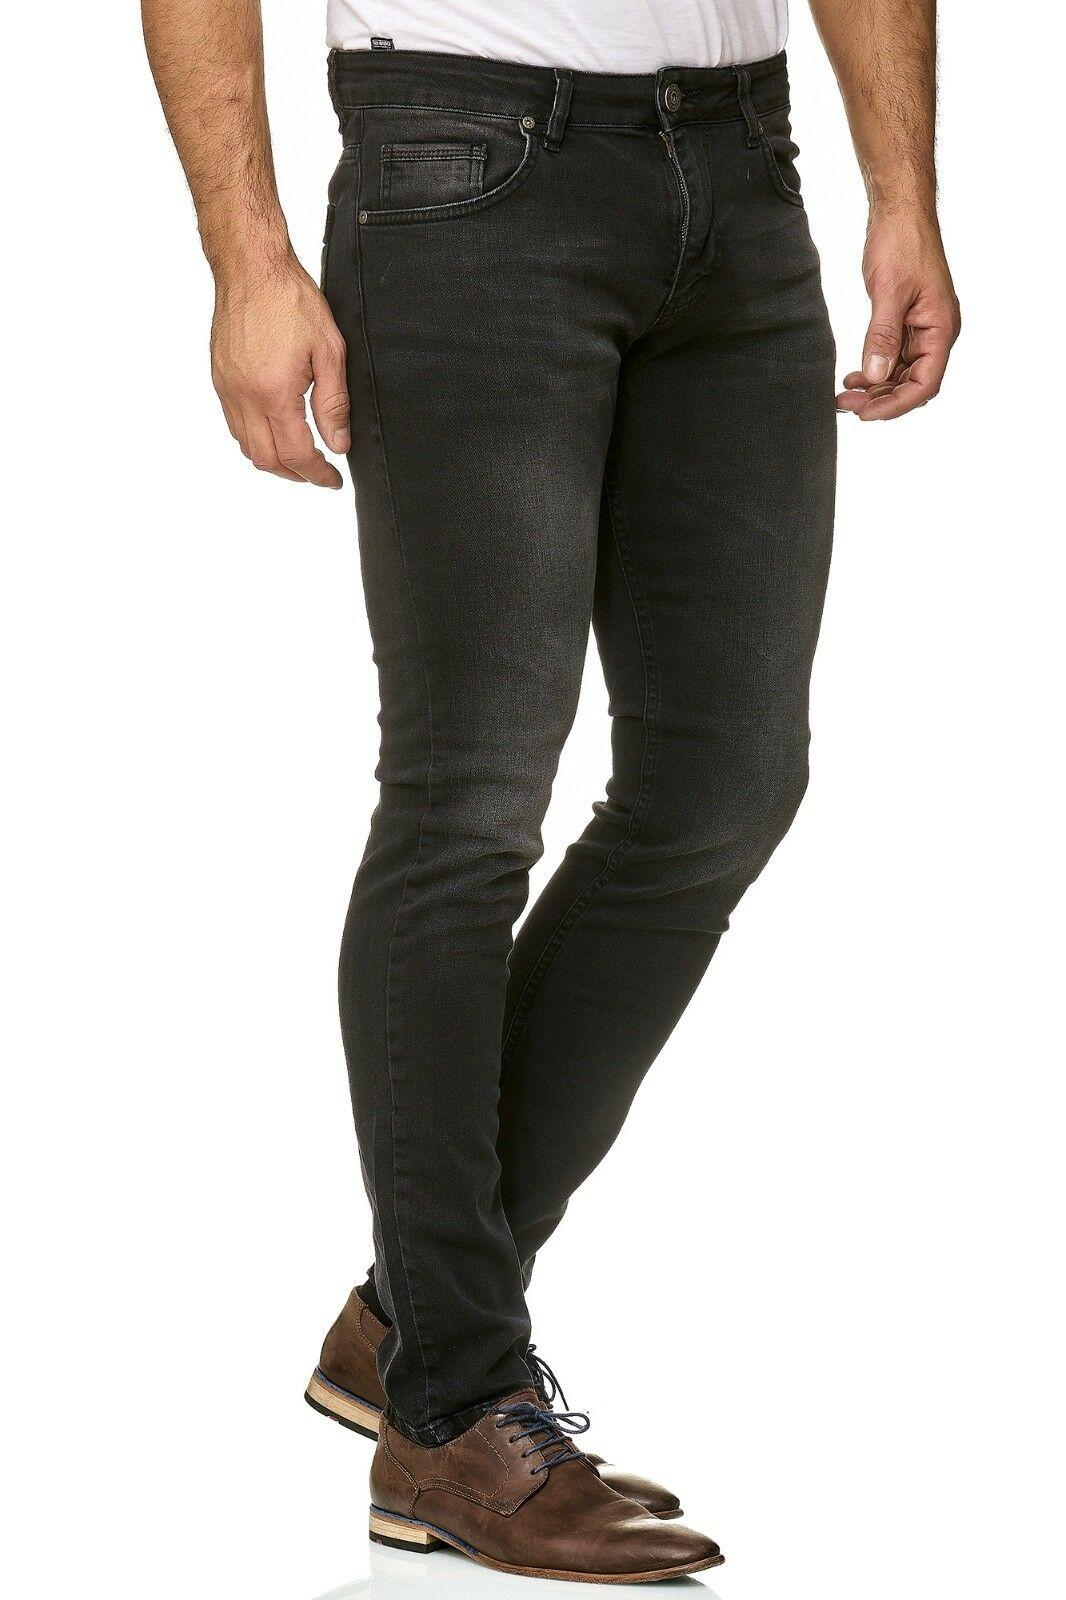 Herren-Jeanshosen-Stretch-Hose-Slim-fit-SKINNY-Jeans-Blau-Schwarz-Grau-Weiss Indexbild 50